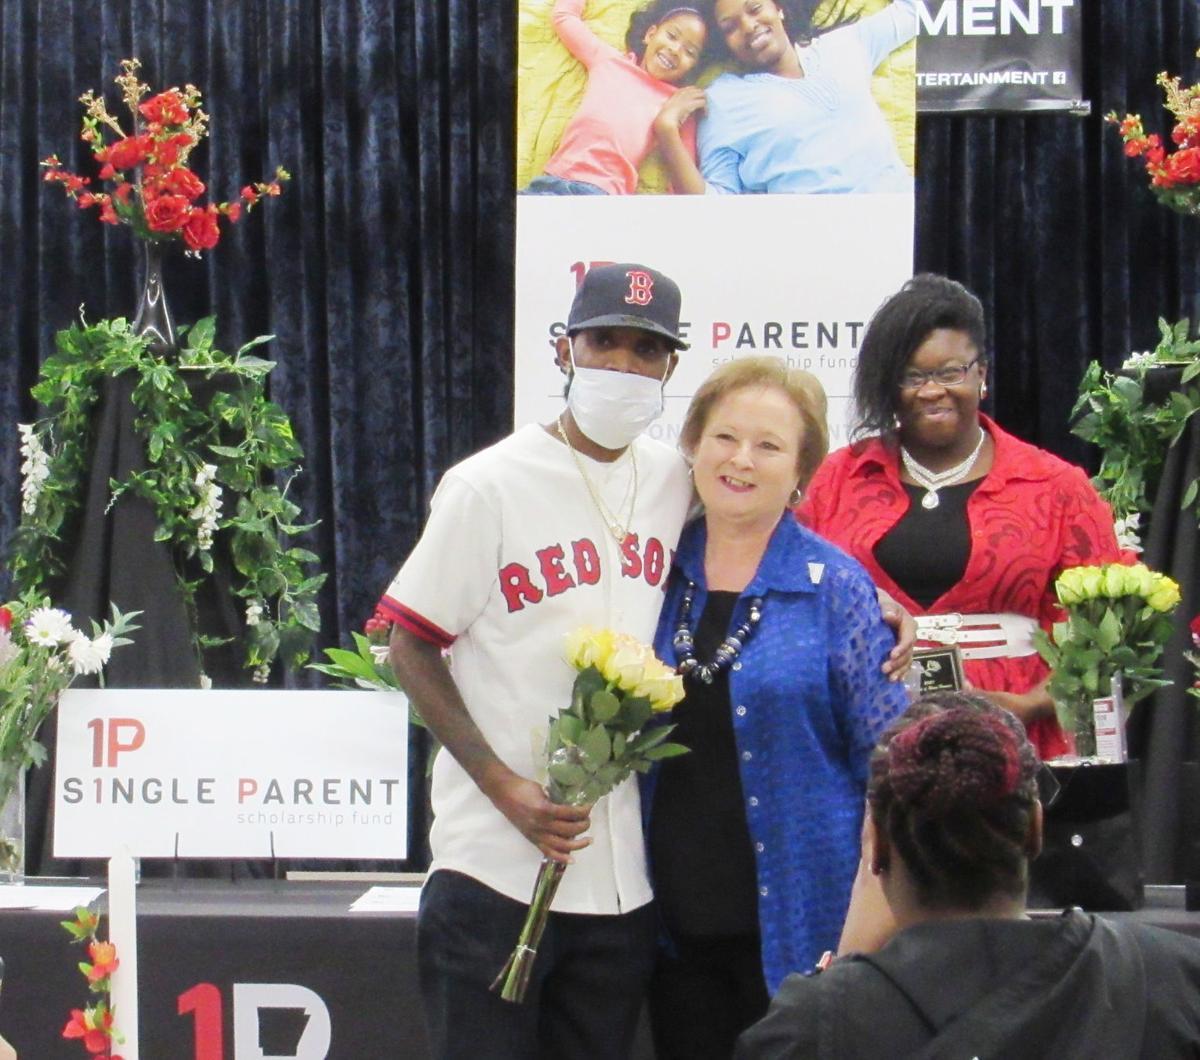 Banquet honors volunteers